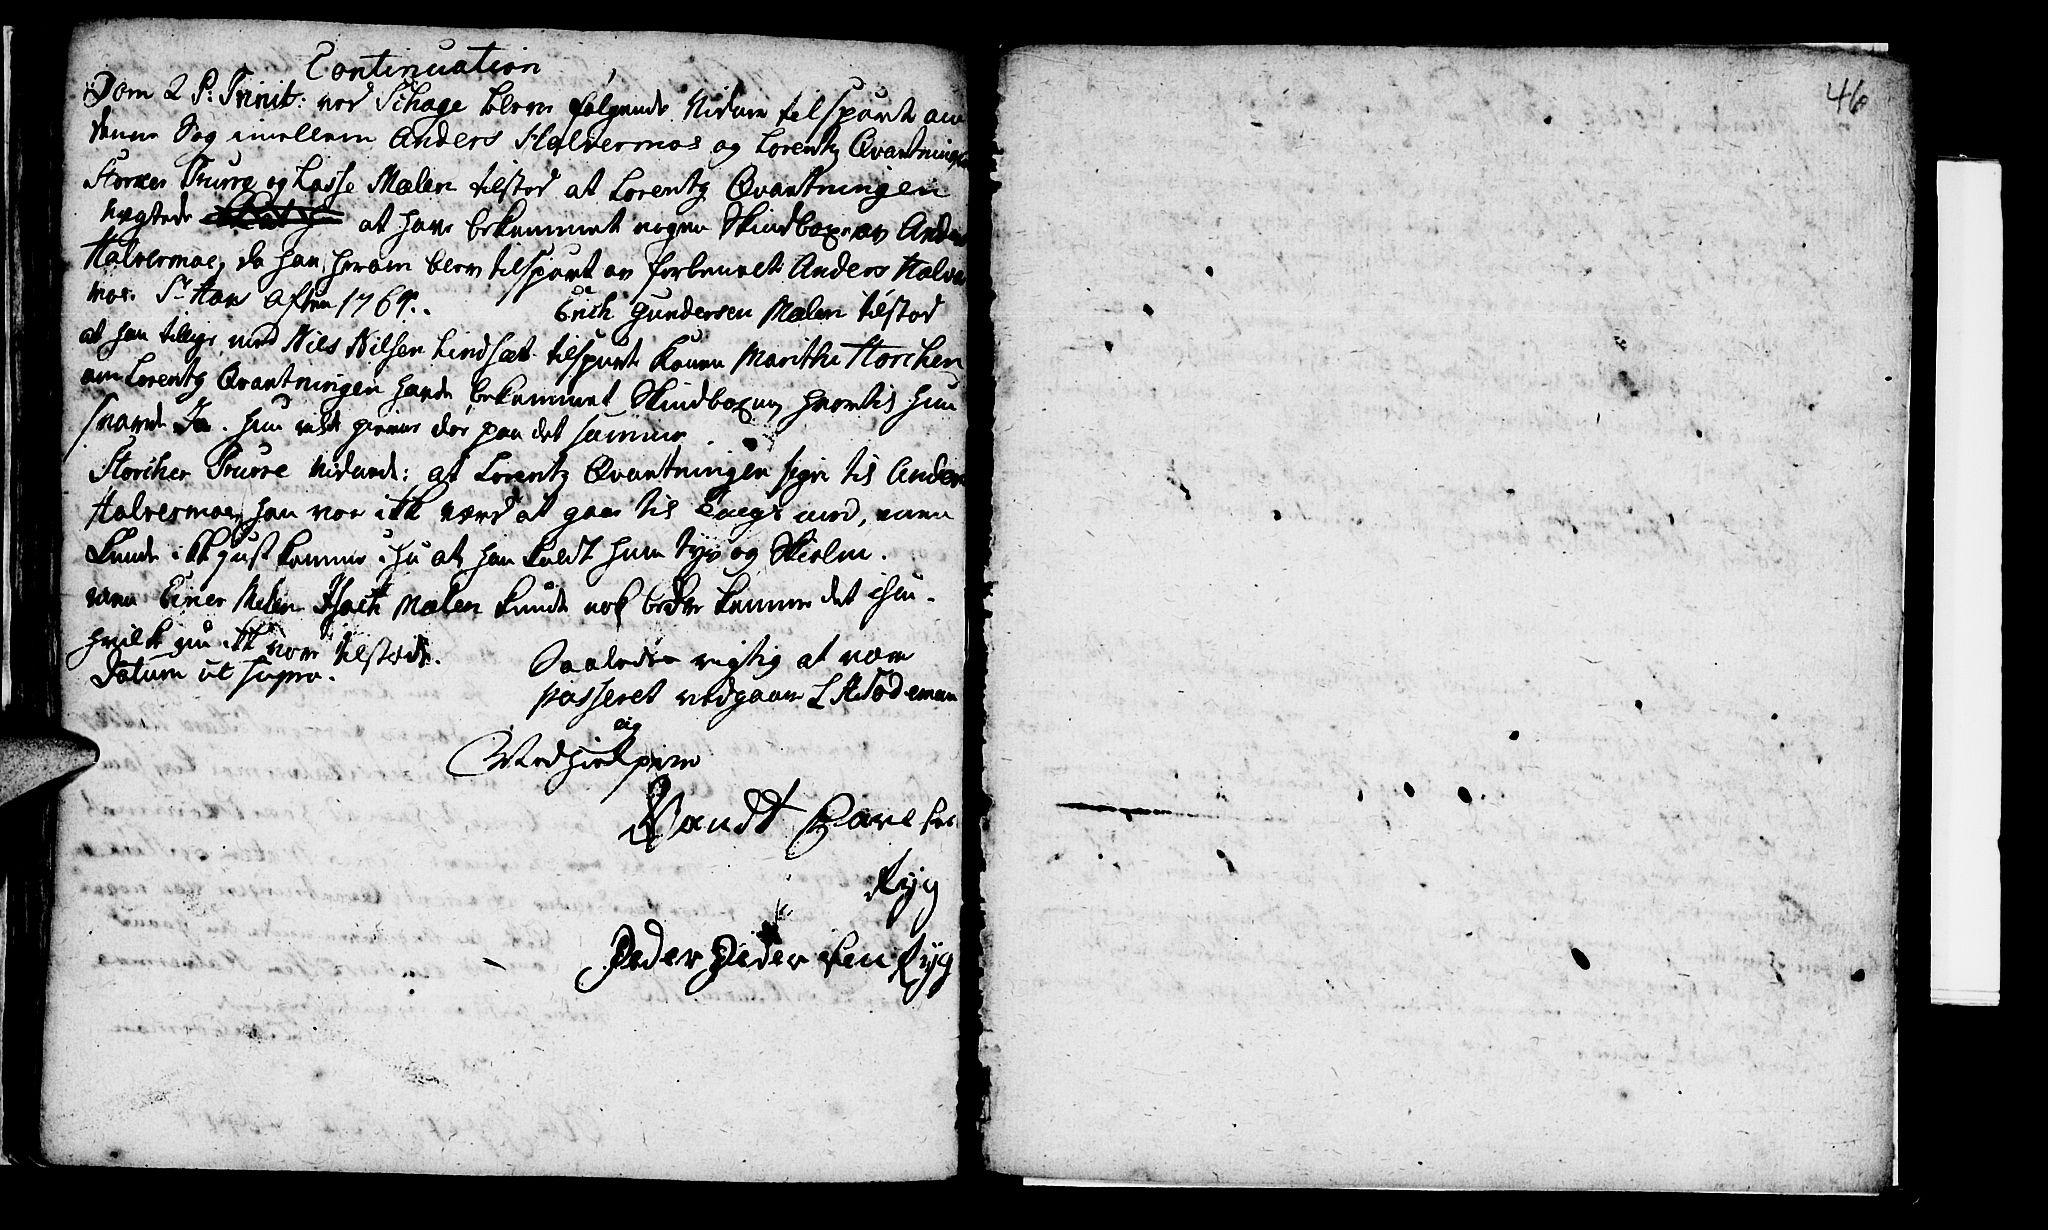 SAT, Ministerialprotokoller, klokkerbøker og fødselsregistre - Nord-Trøndelag, 765/L0561: Ministerialbok nr. 765A02, 1758-1765, s. 46